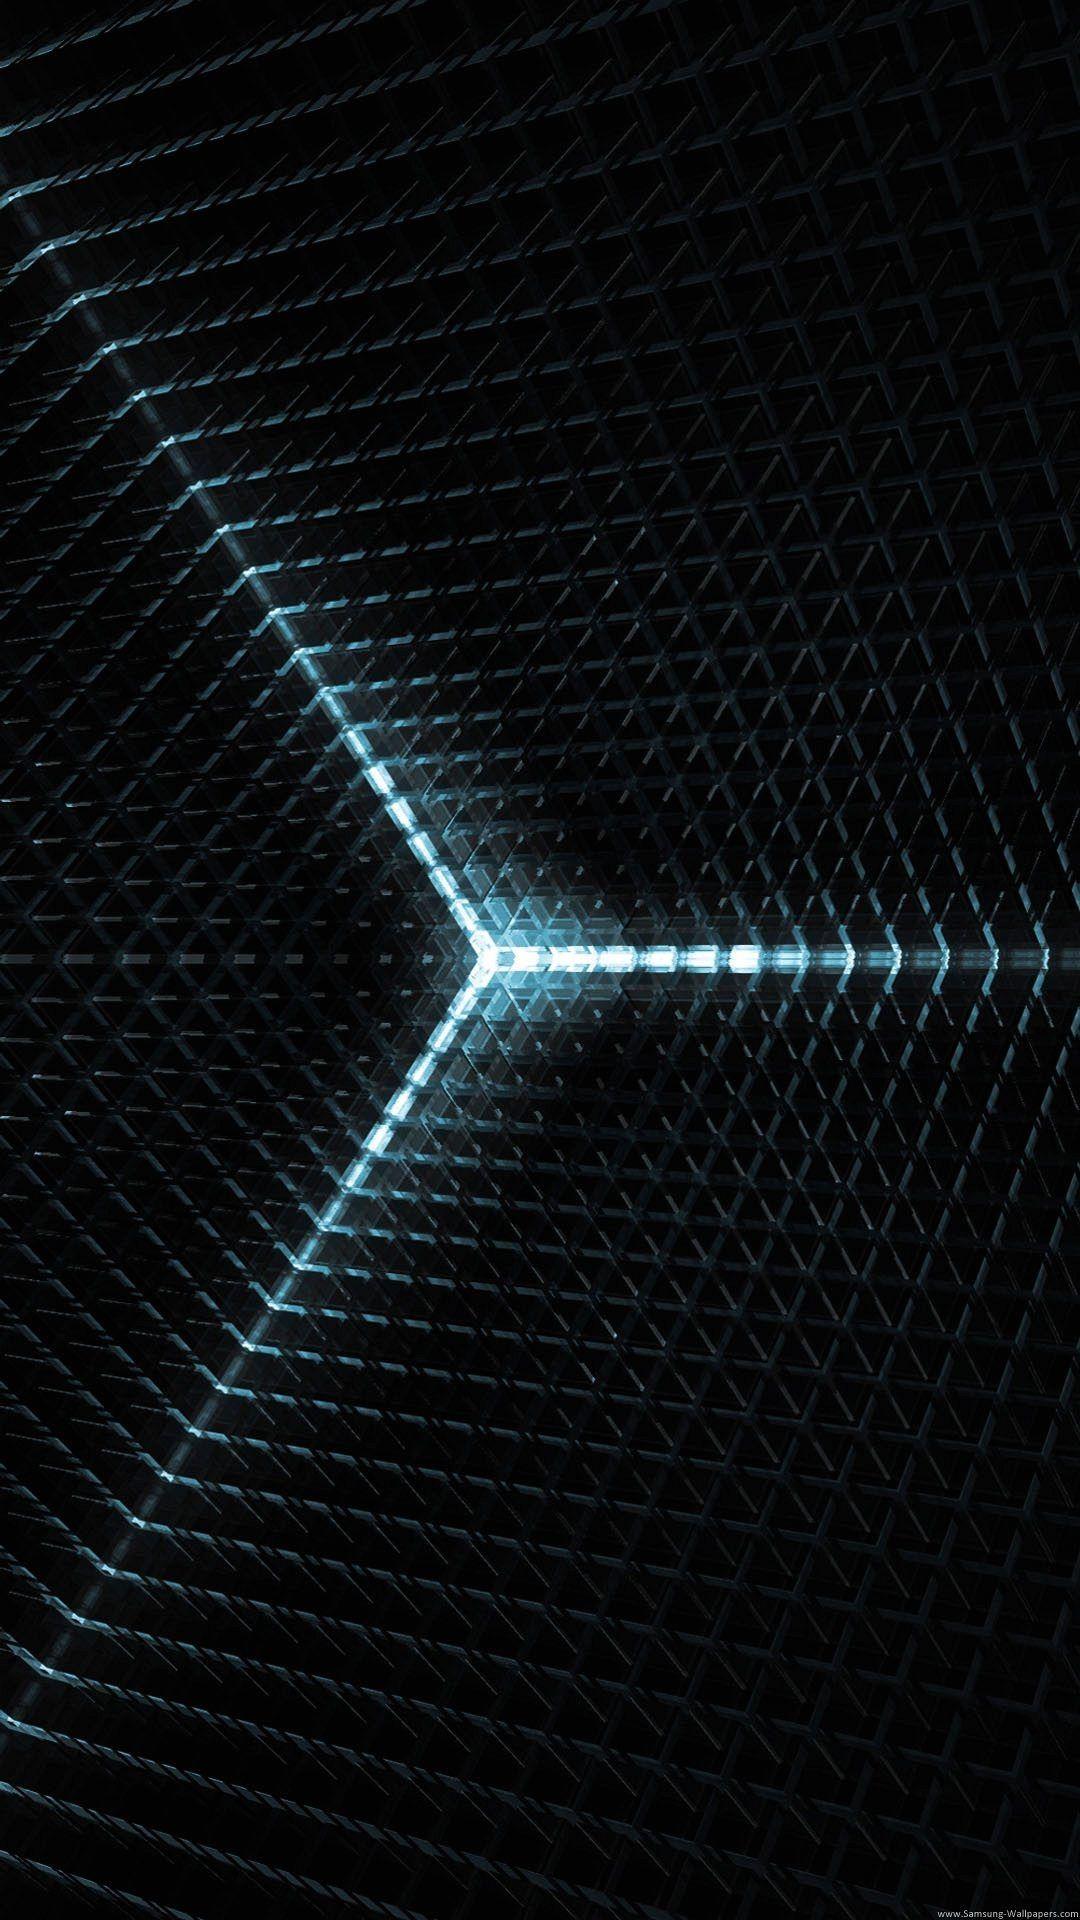 Tech iPhone Wallpaper HD